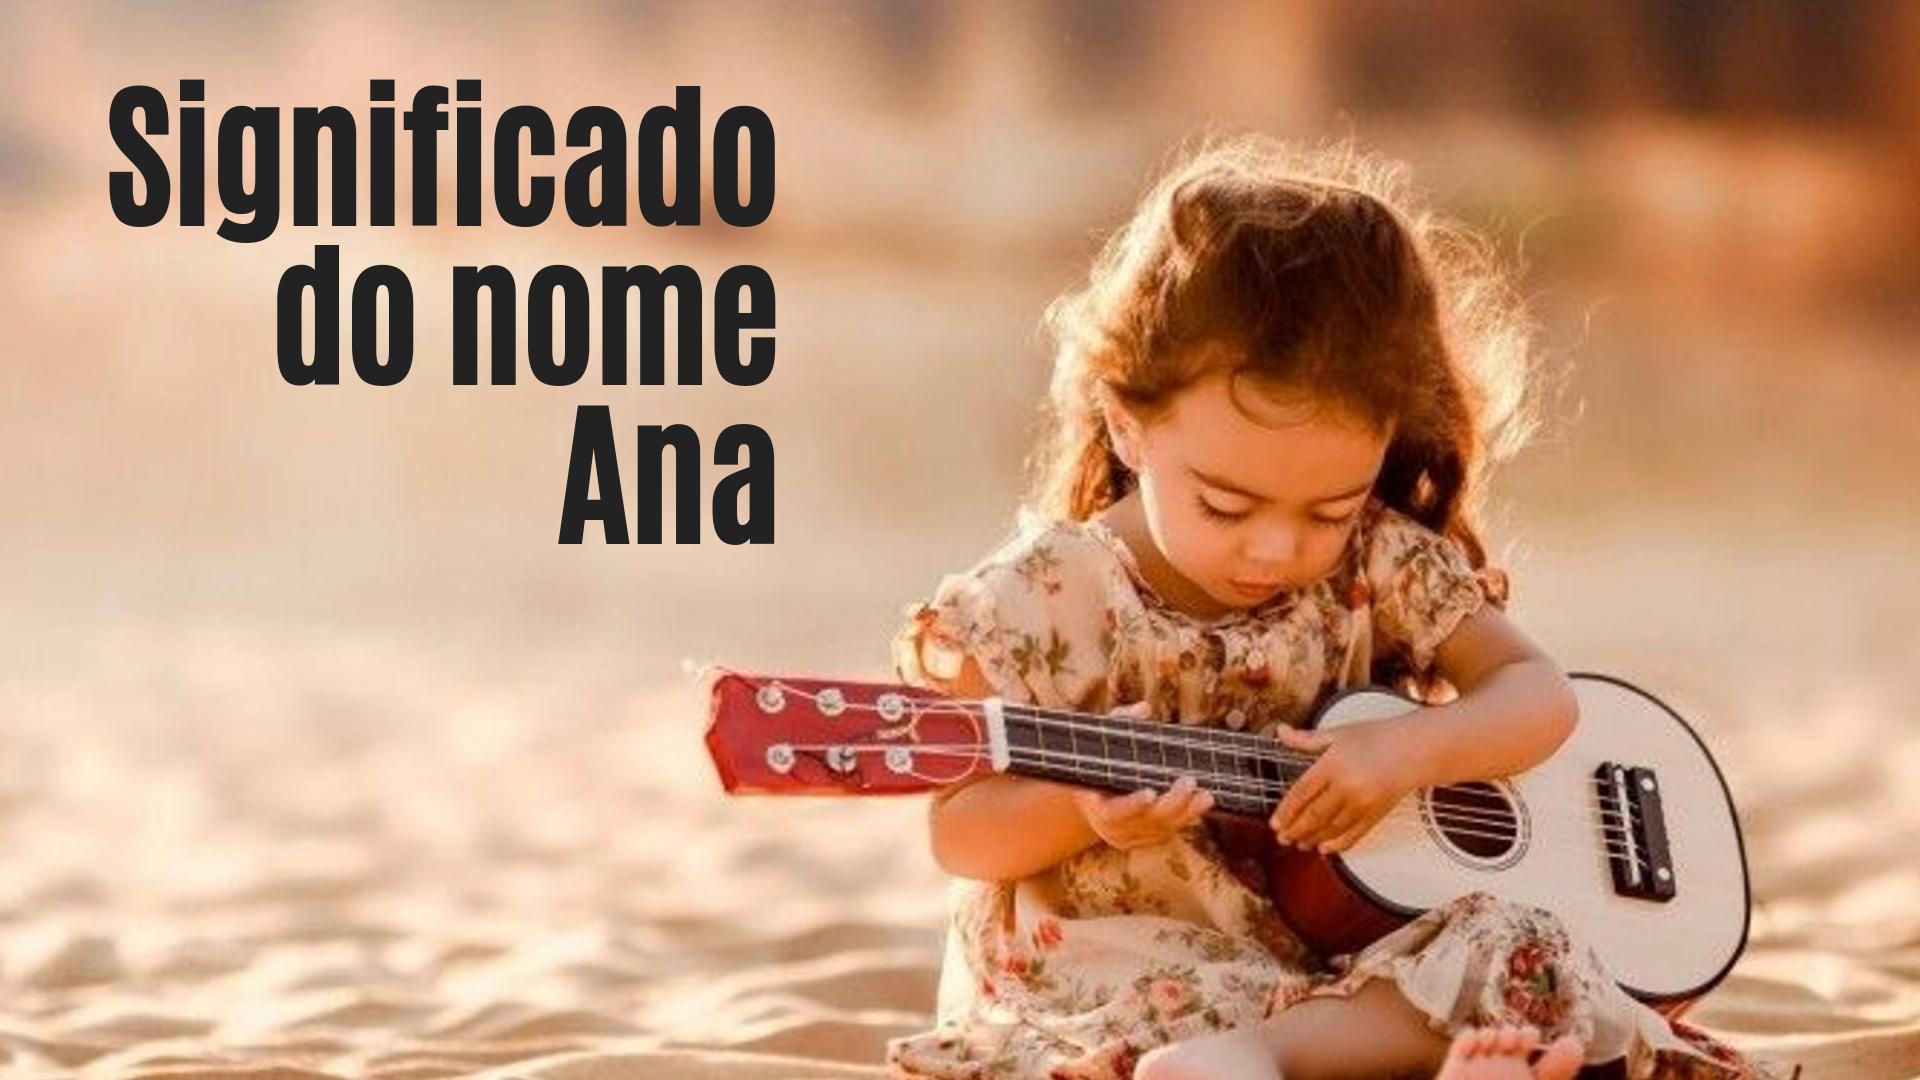 menina tocando violão - uma foto escrita significado do nome ana